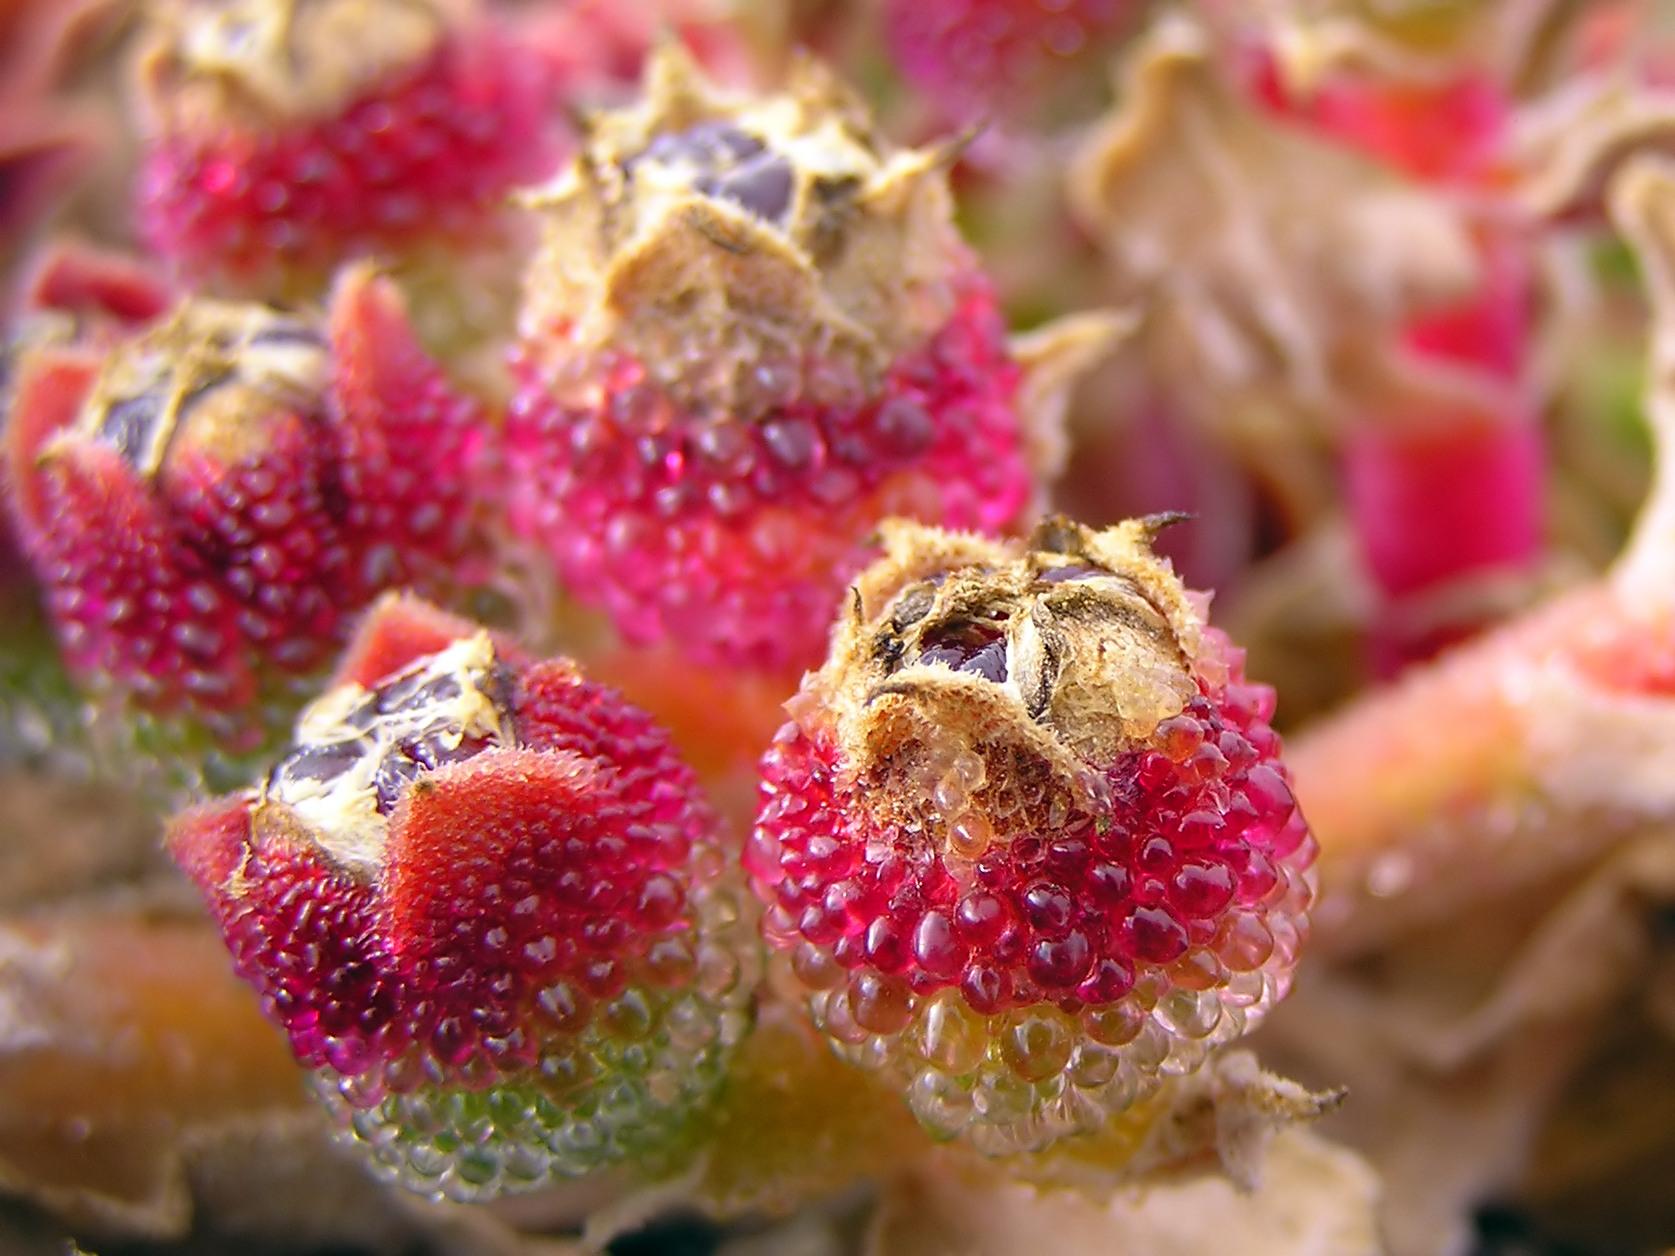 Unk_desert_flower_3.jpg